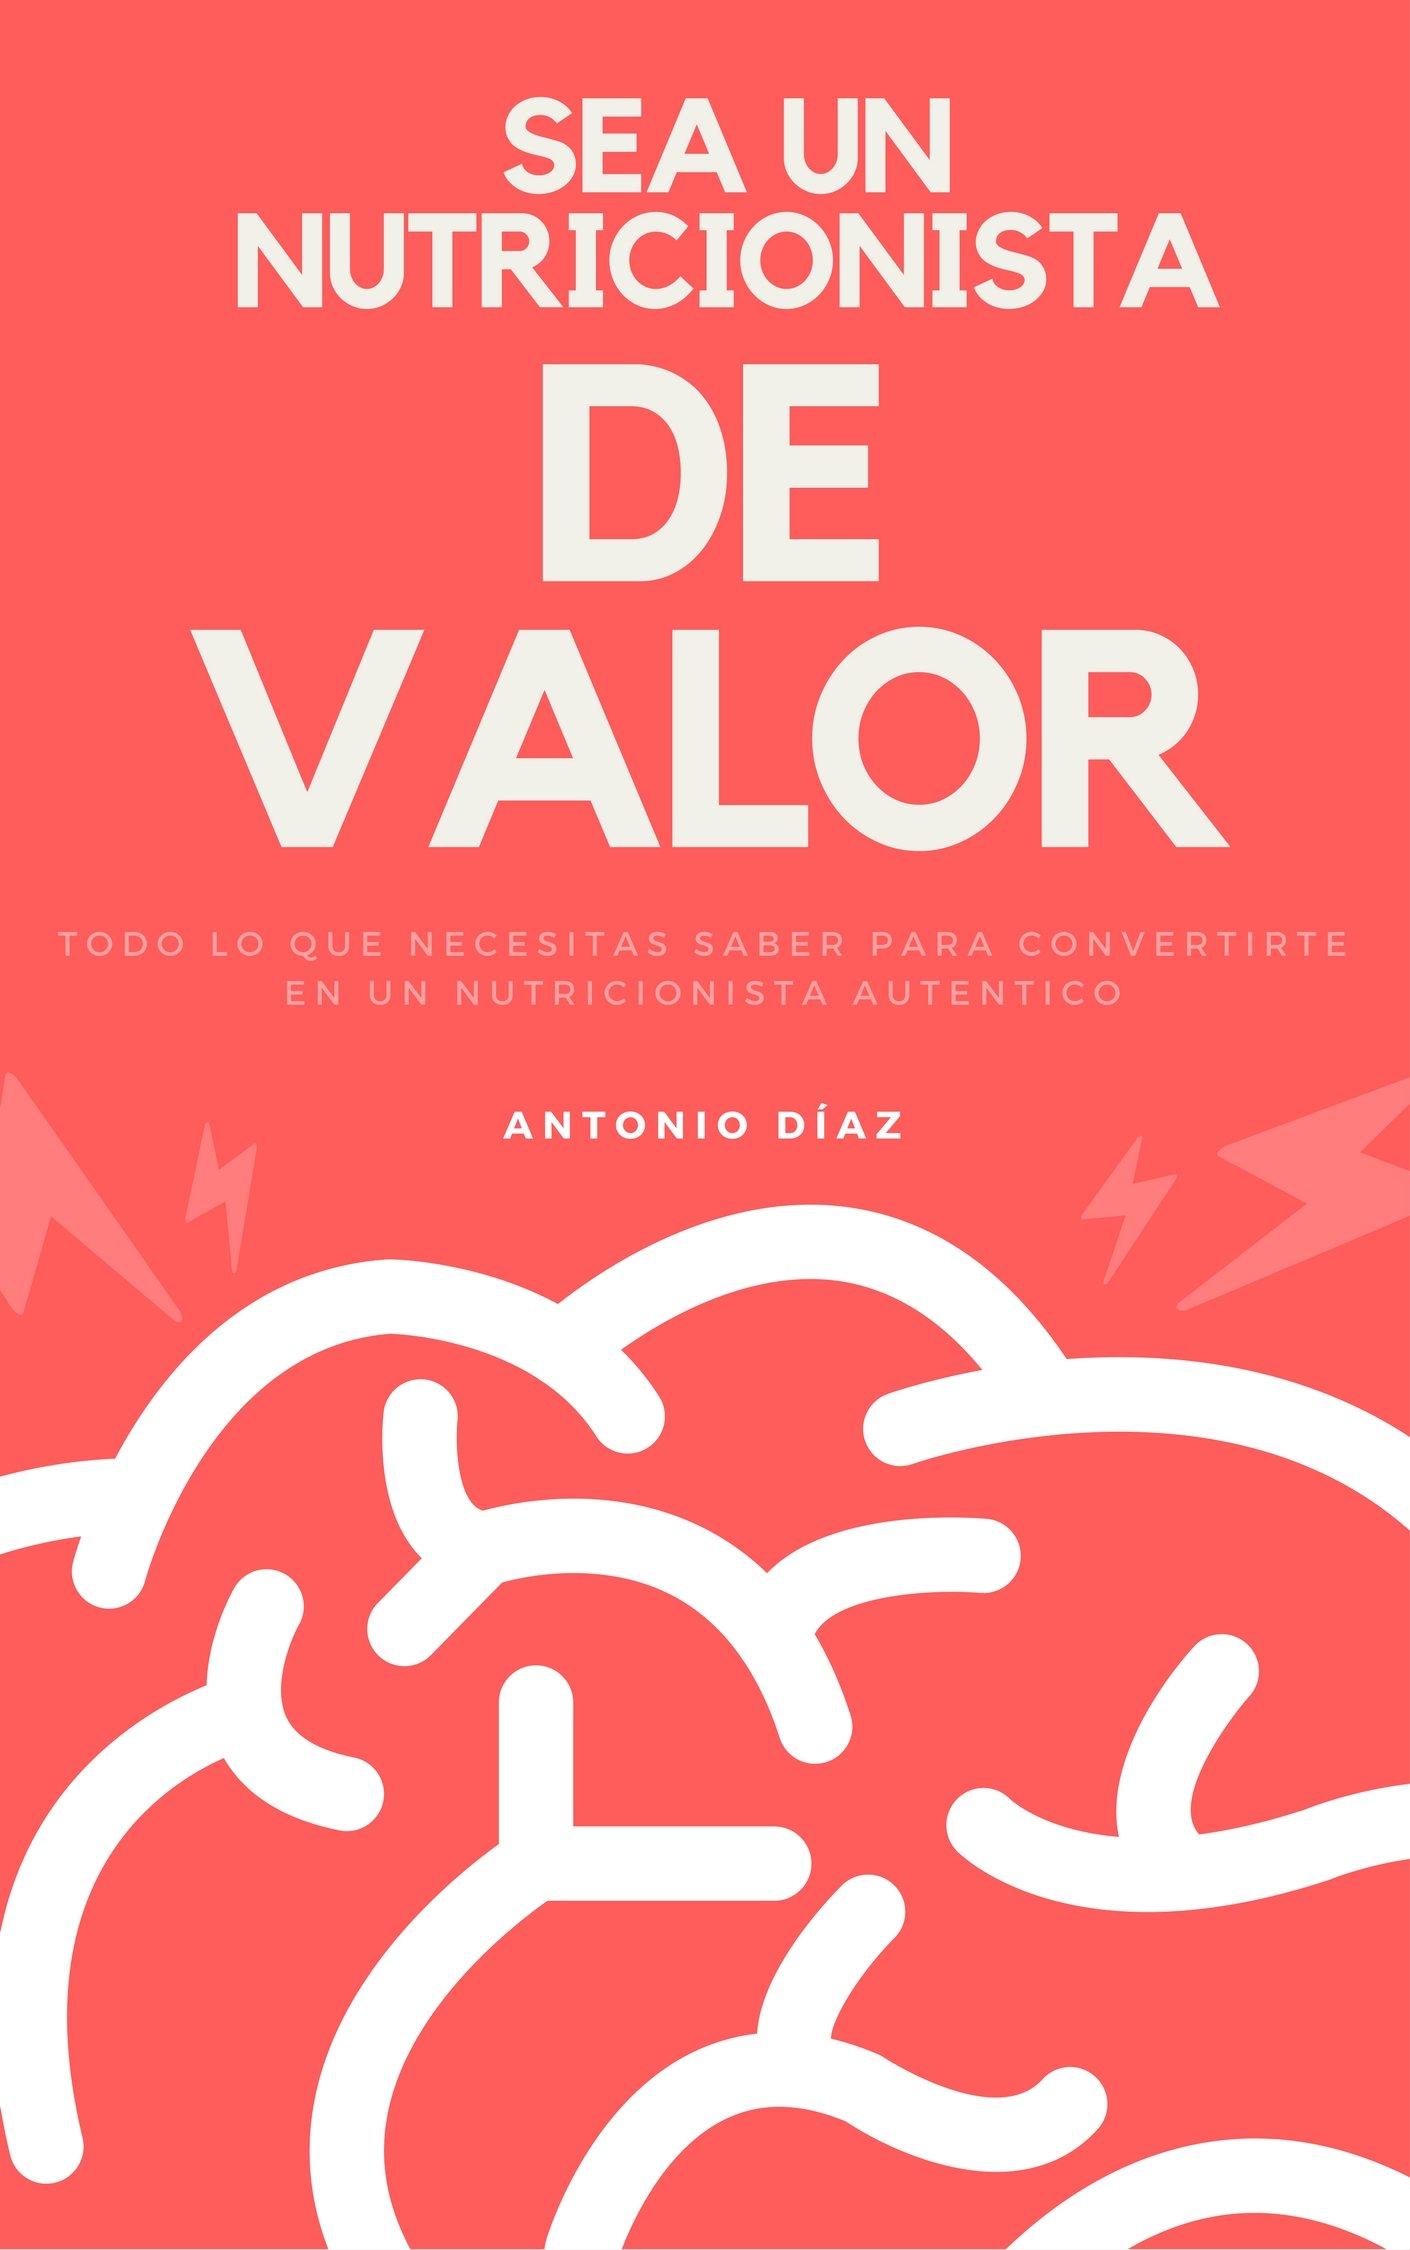 Sea un nutricionista de alto valor (Spanish Edition)